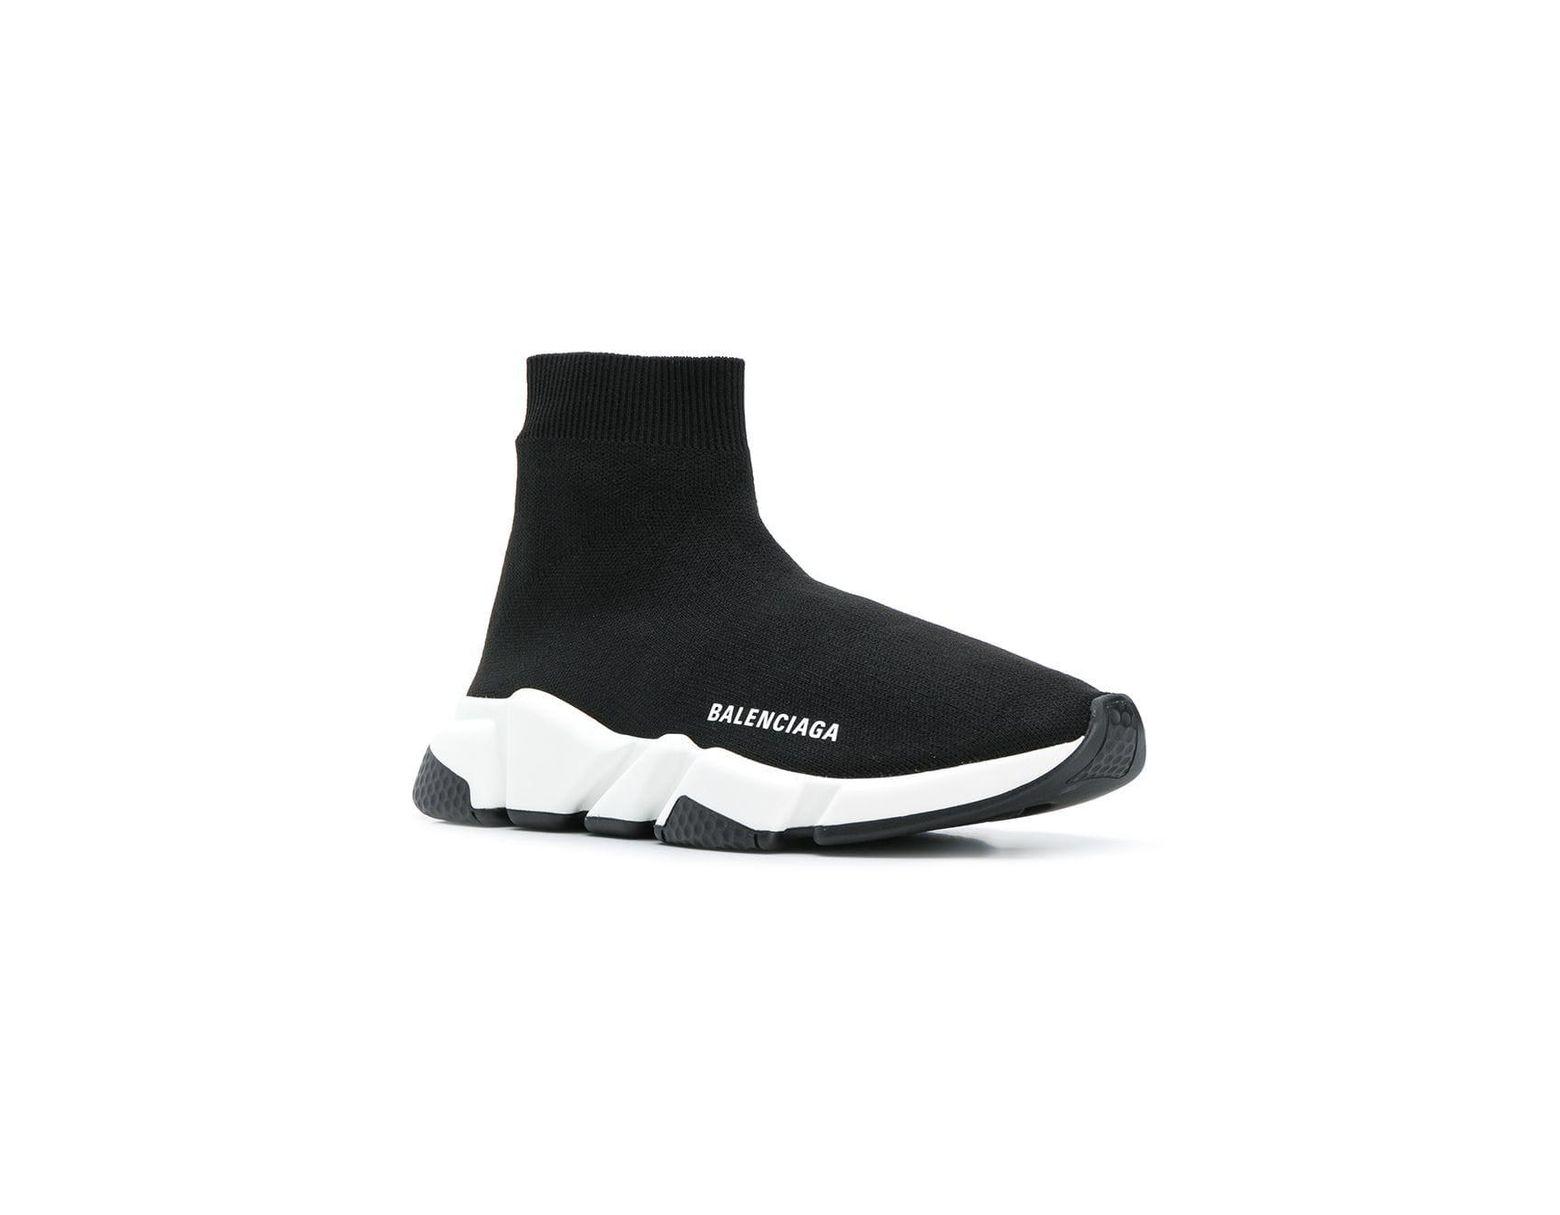 Sock Schwarz In Sneakers 'speed' Damen E9beHIDW2Y